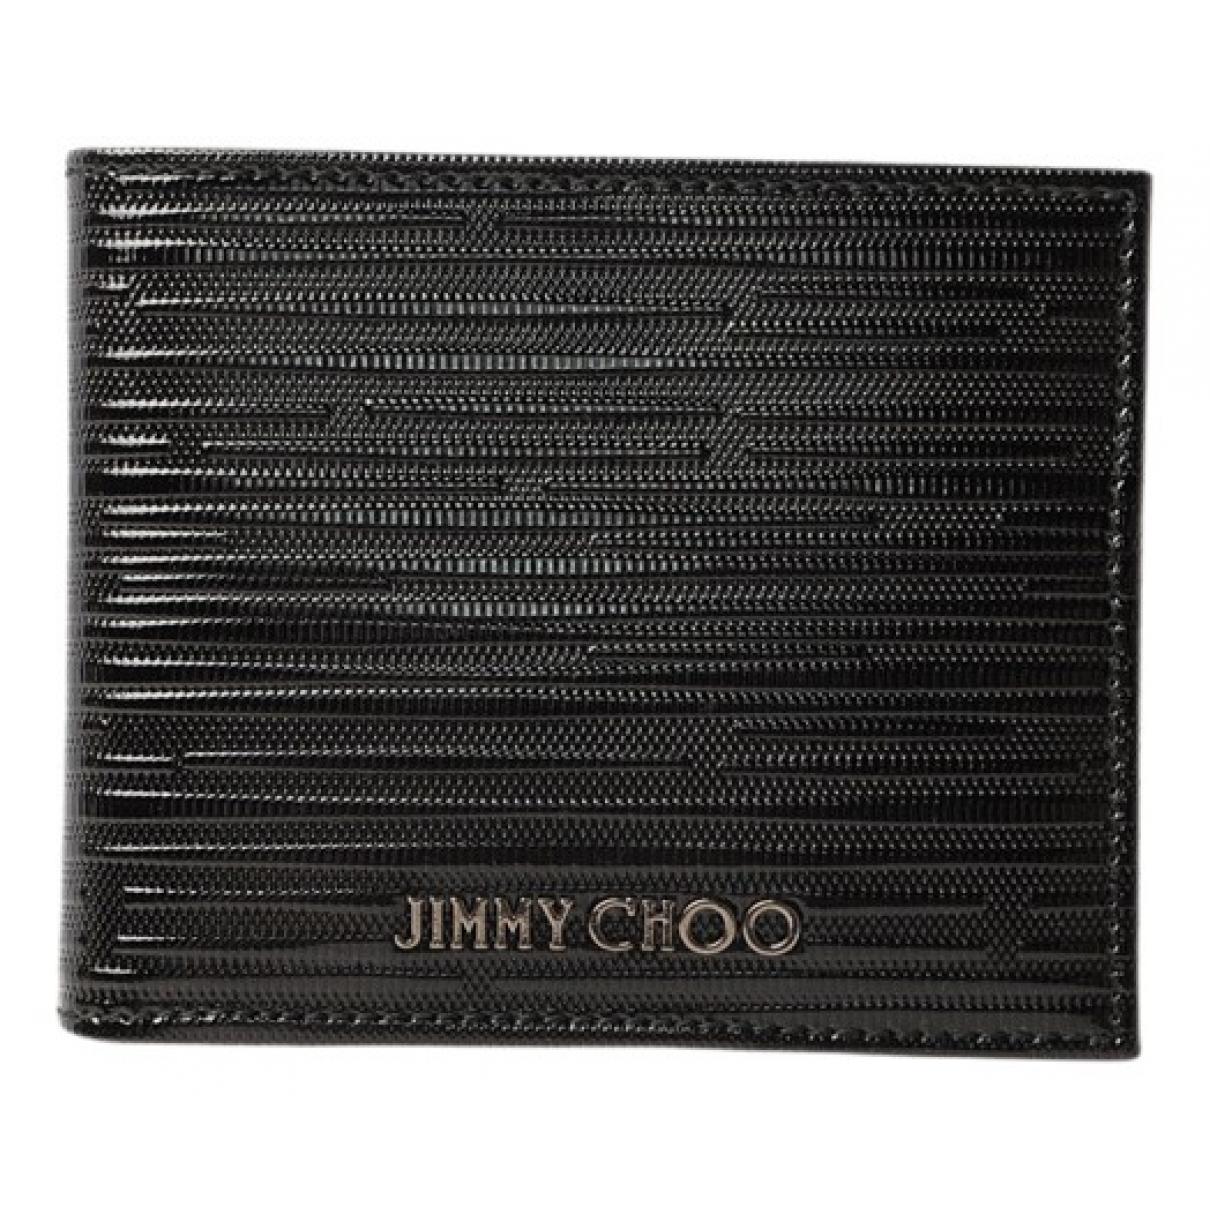 Jimmy Choo \N Portemonnaie in  Schwarz Lackleder